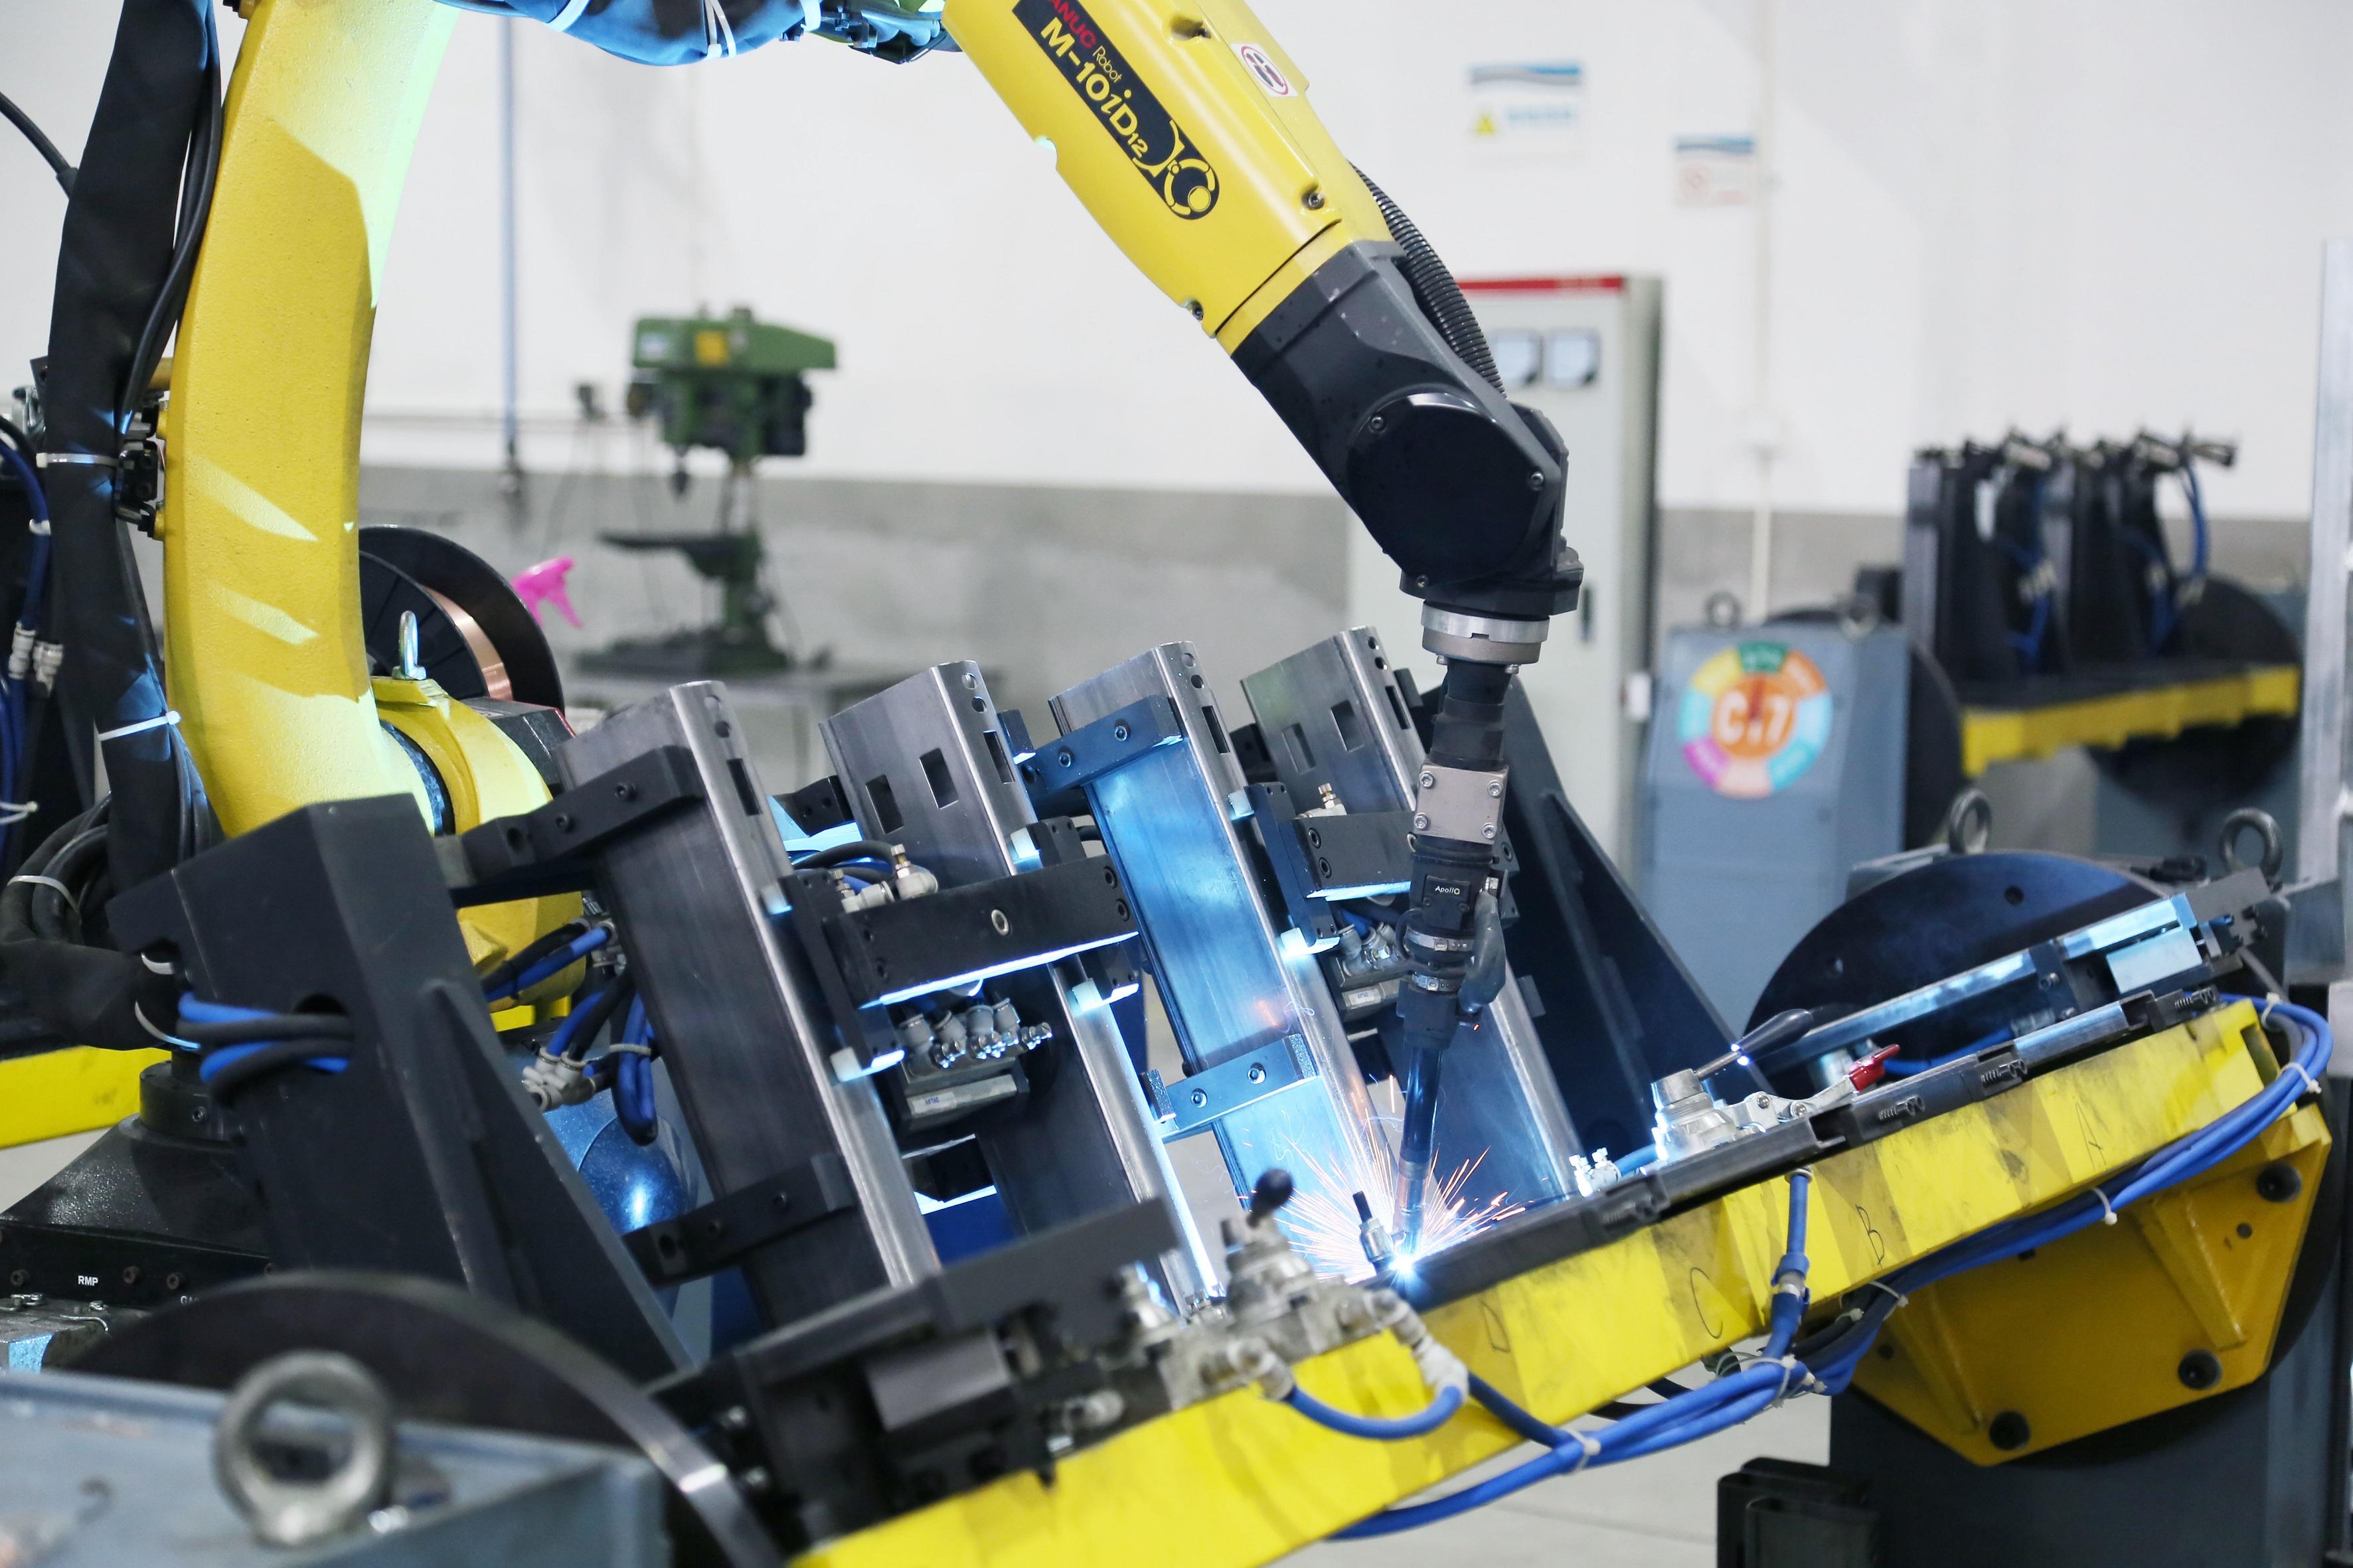 日本FANUC机器人焊接-五金车间.JPG